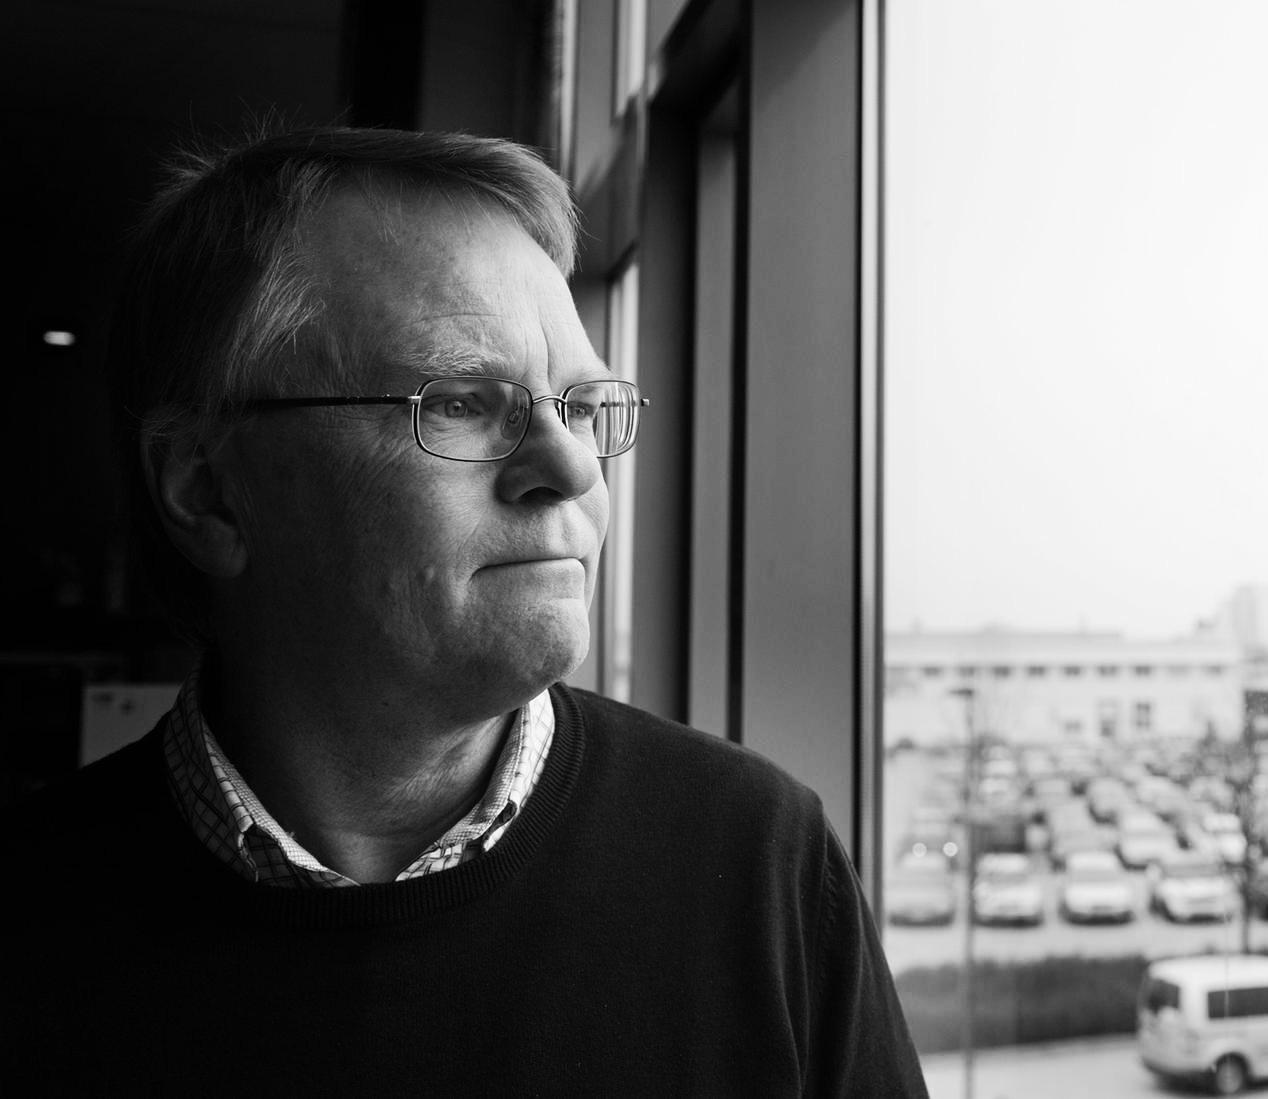 Jorgen-Johansson-docent-i-statsvetenskap-vid-Hogskolan-i-Halmstad-menar-att-Halland-och-Halmstad.jpg